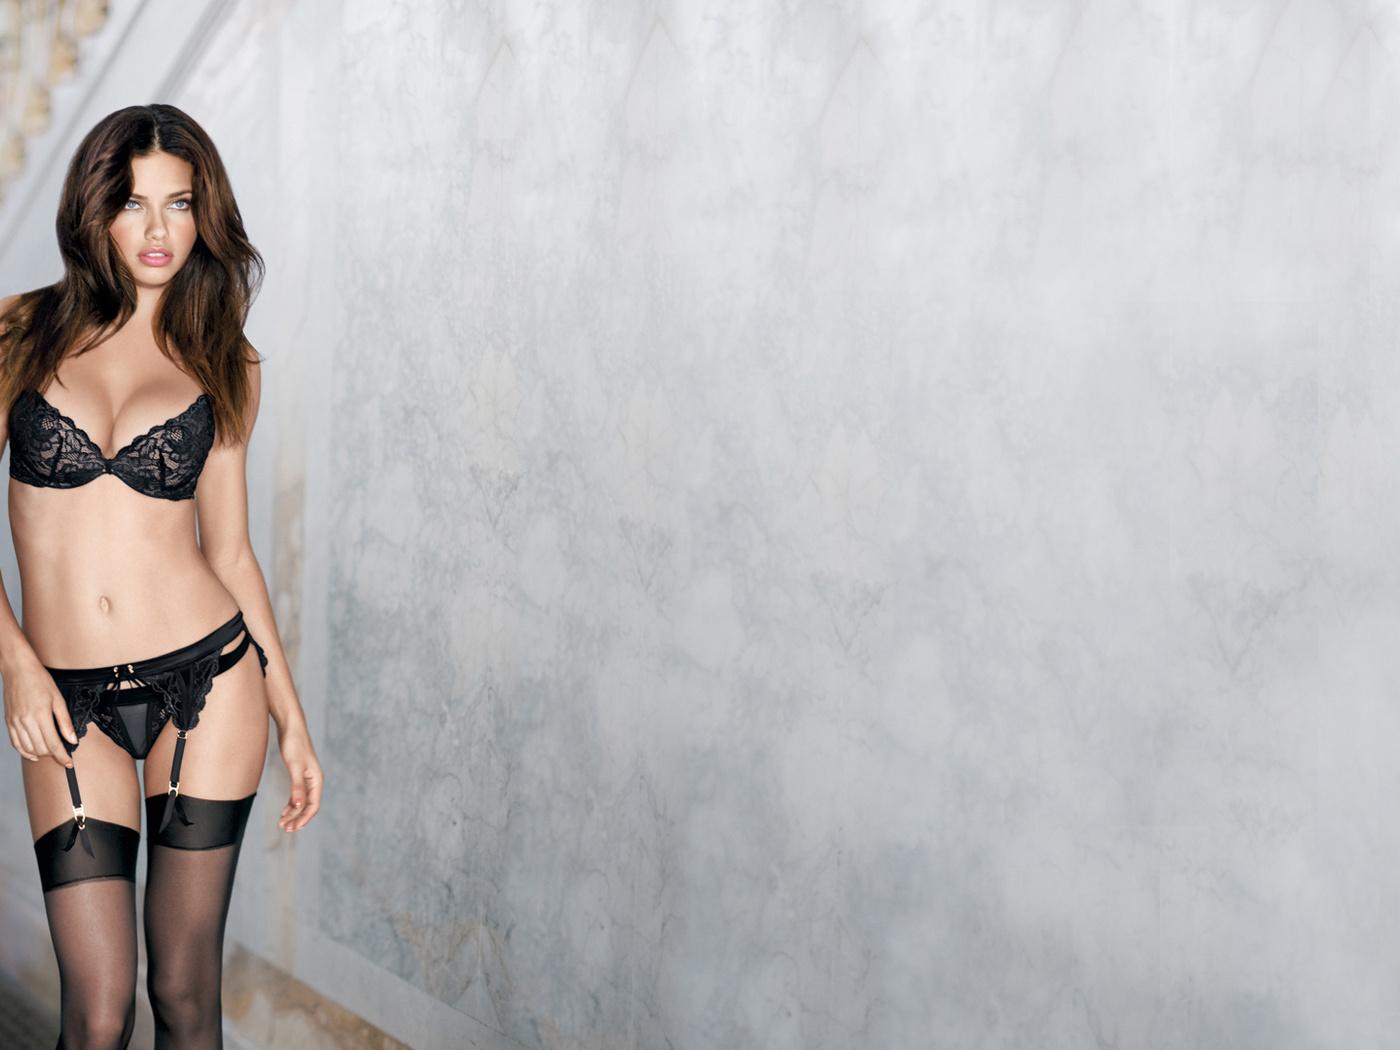 Фото девушек - Сексуальные девушки в нижнем белье . автор ExSema